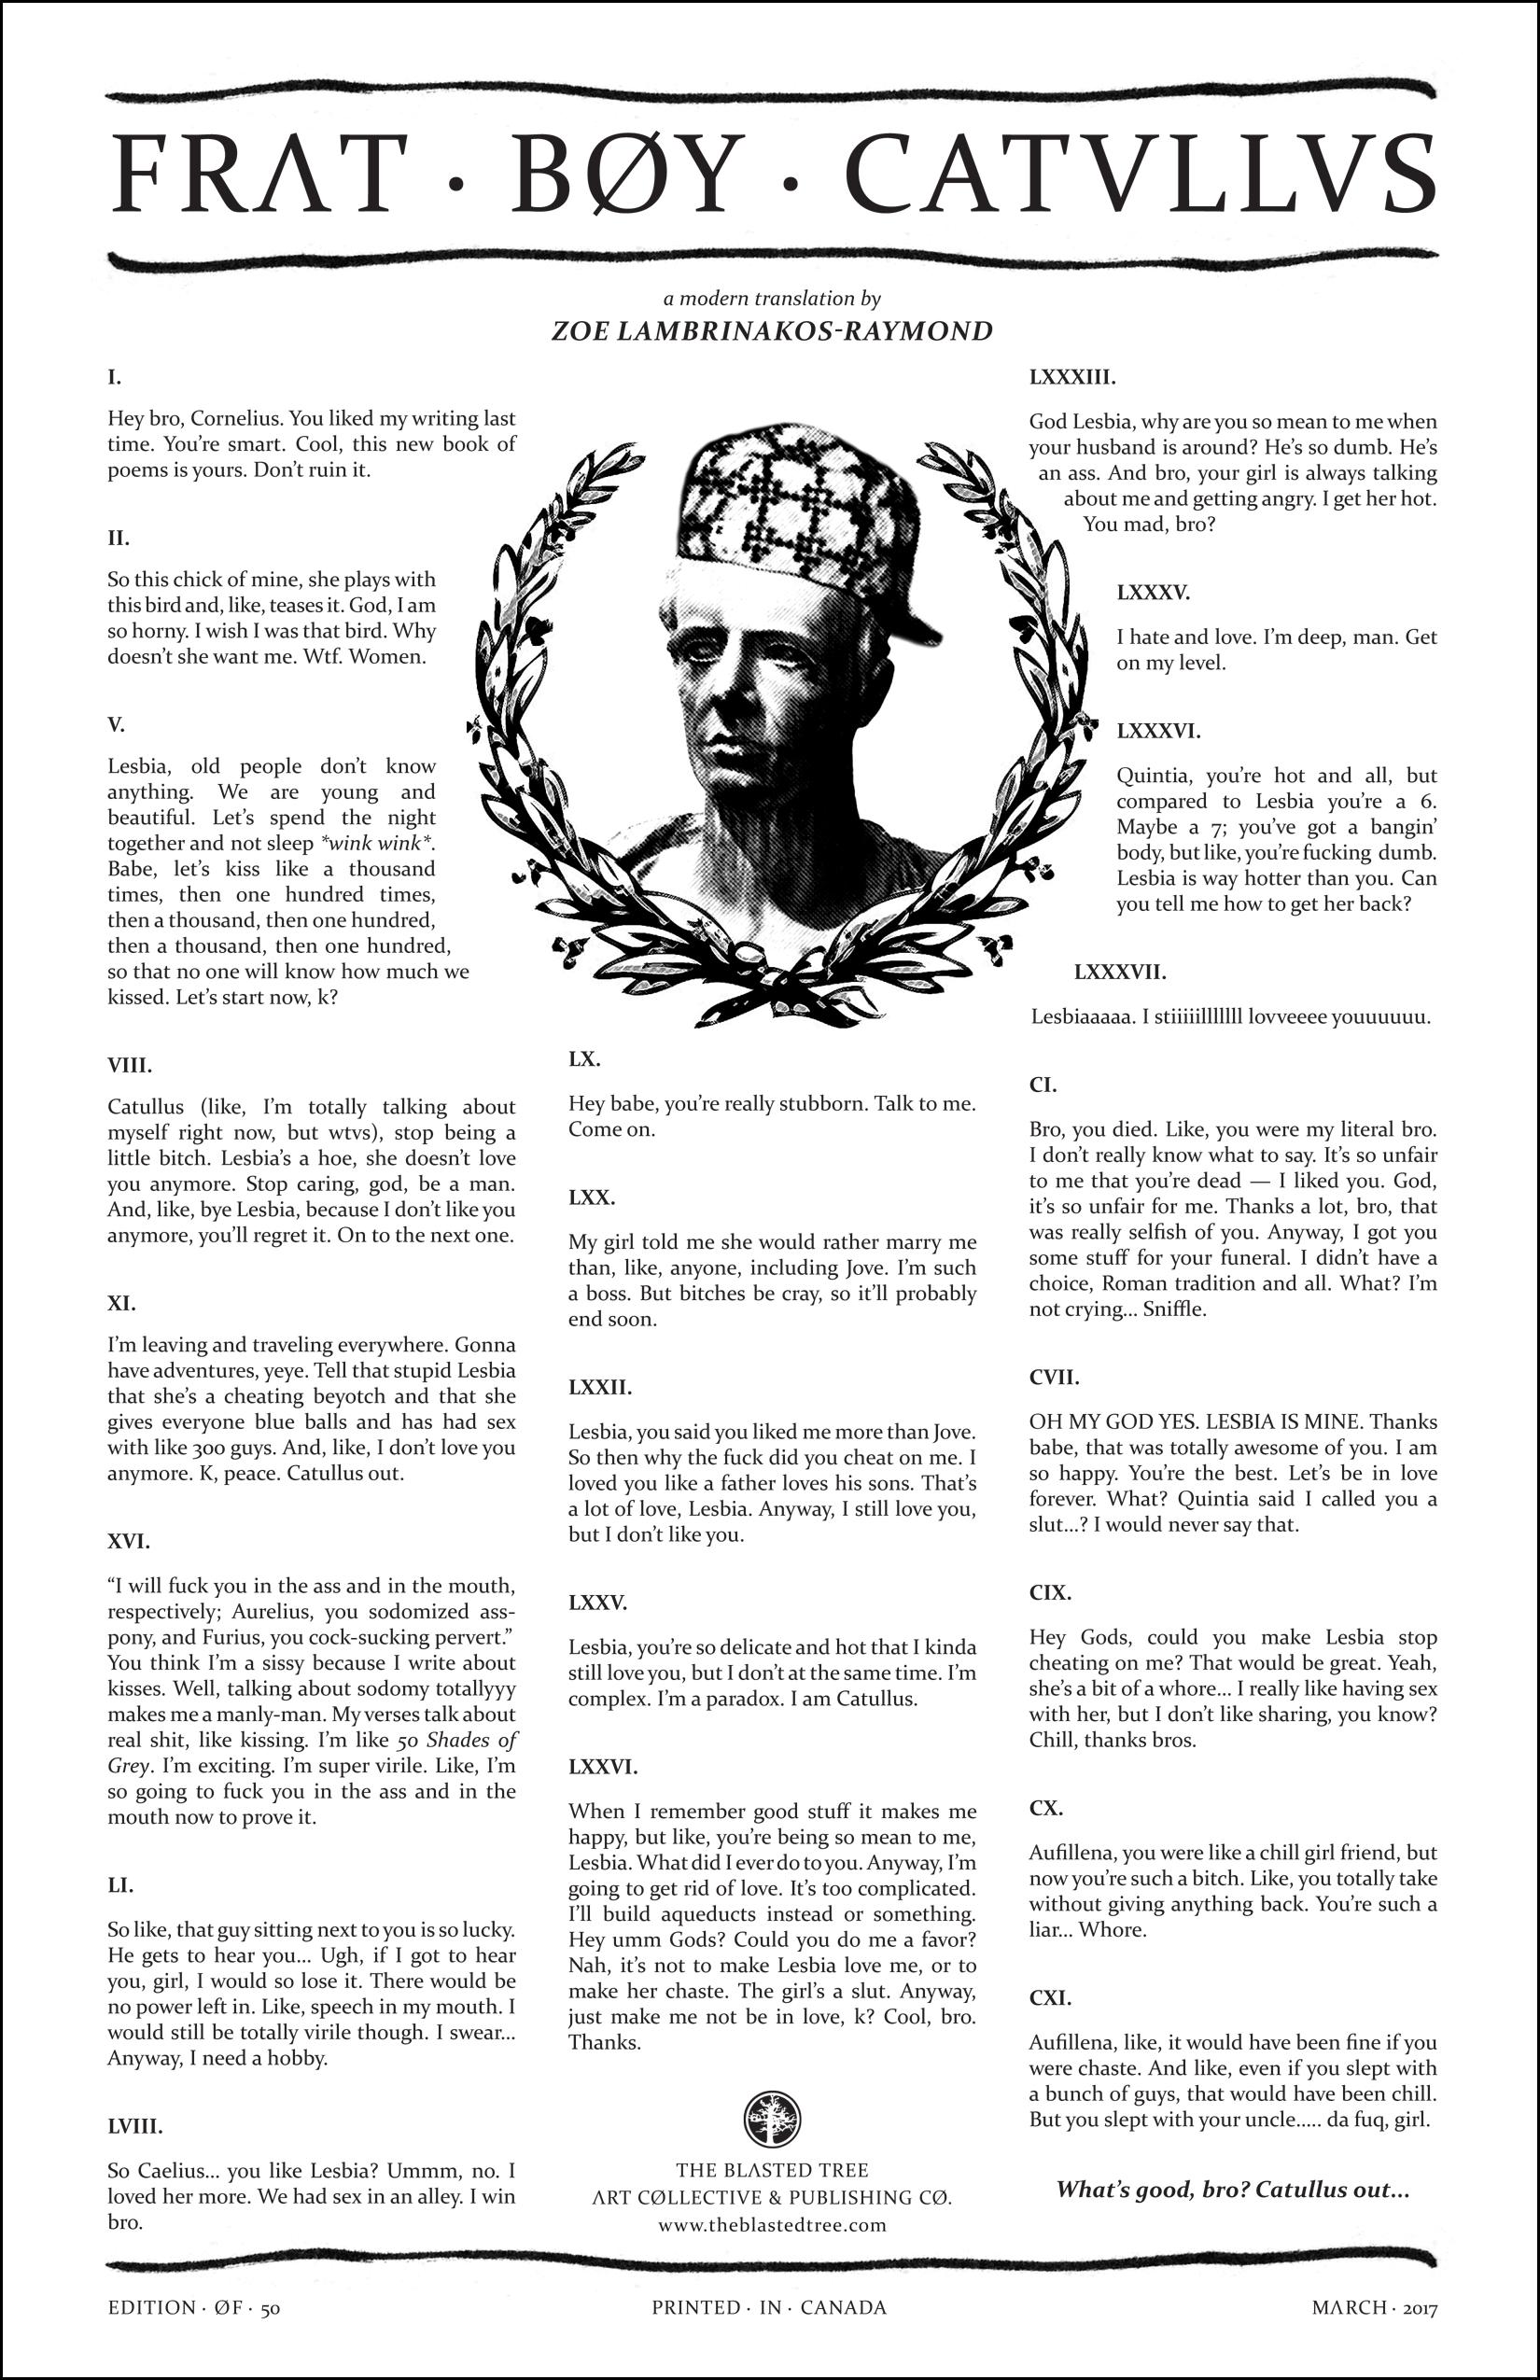 Frat Boy Catullus Broadside Outline.png